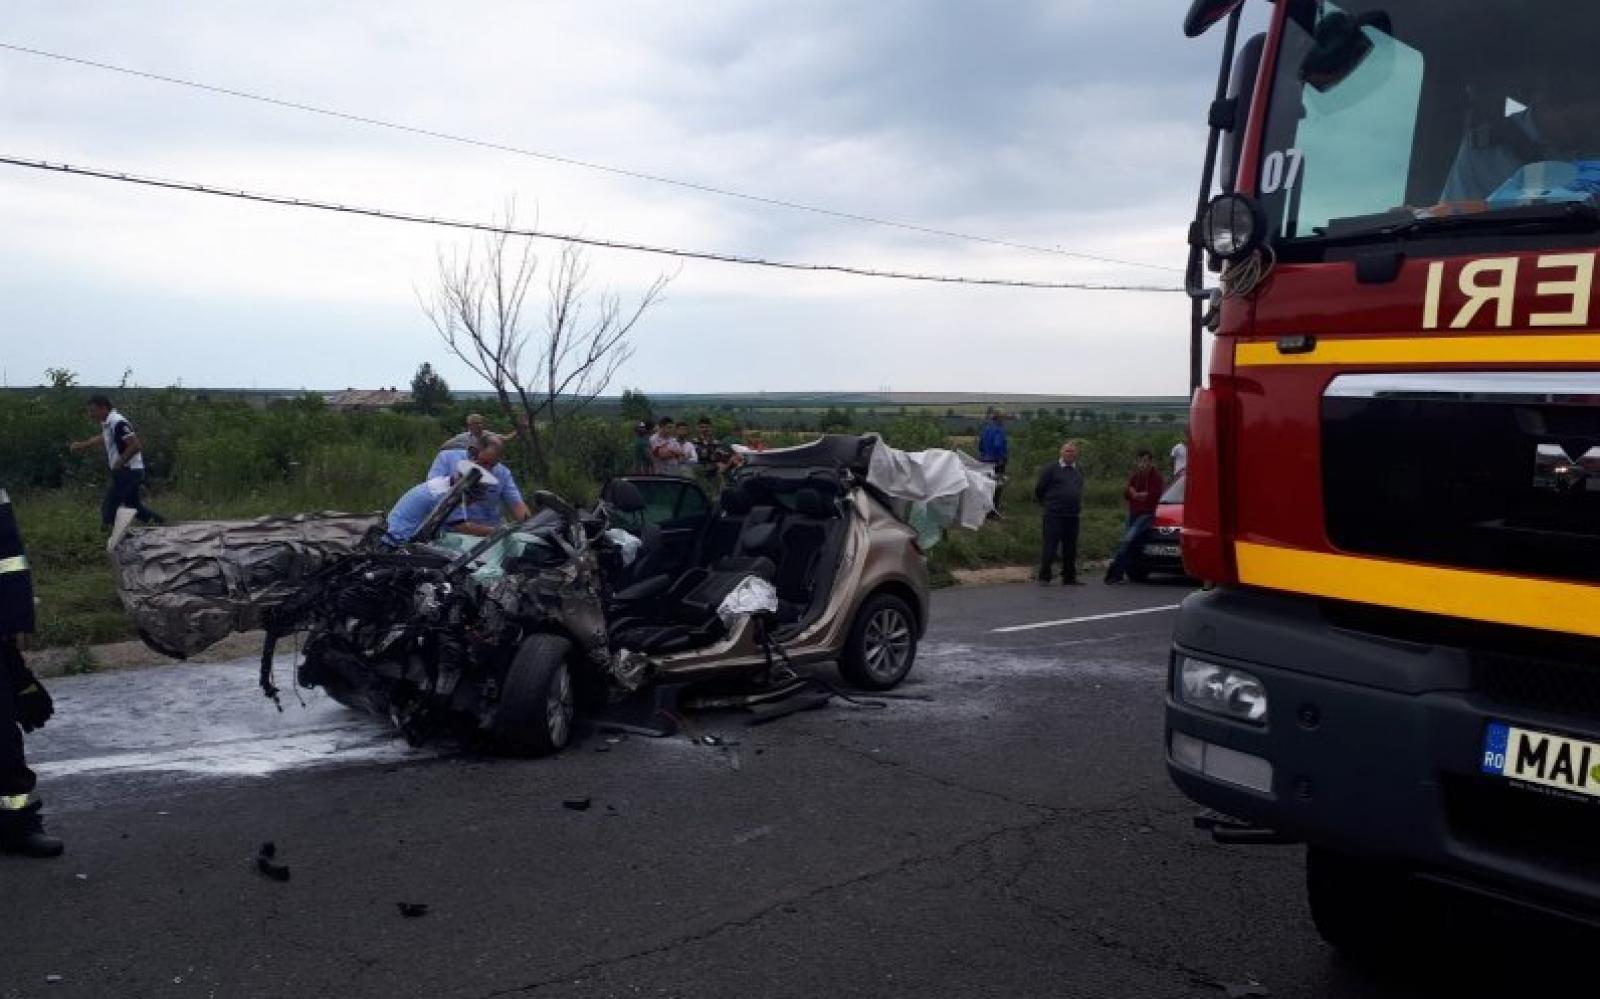 (foto/video) Accident grav cu implicarea unui autocar cu 14 moldoveni s-a produs în România. În urma impactului, vicepreședintele PMP, Emanuel Mitric, a decedat